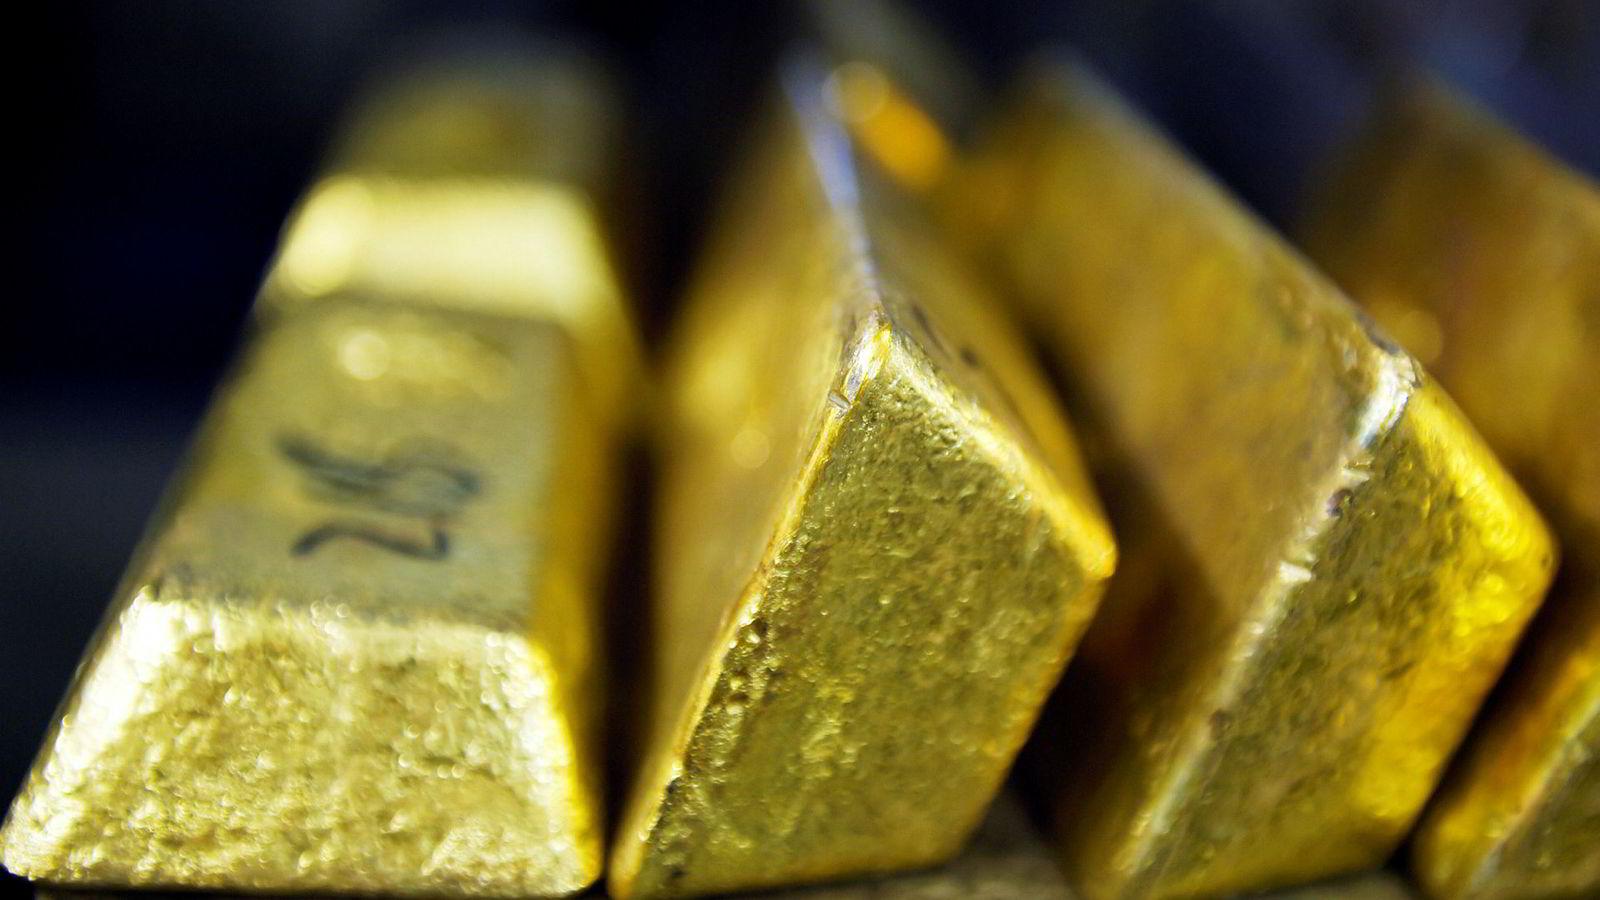 En norsk snekker skal ha bidratt til at cirka 397 kilo gull ble tatt inn i Norge uten at det ble betalt innførselsmoms.